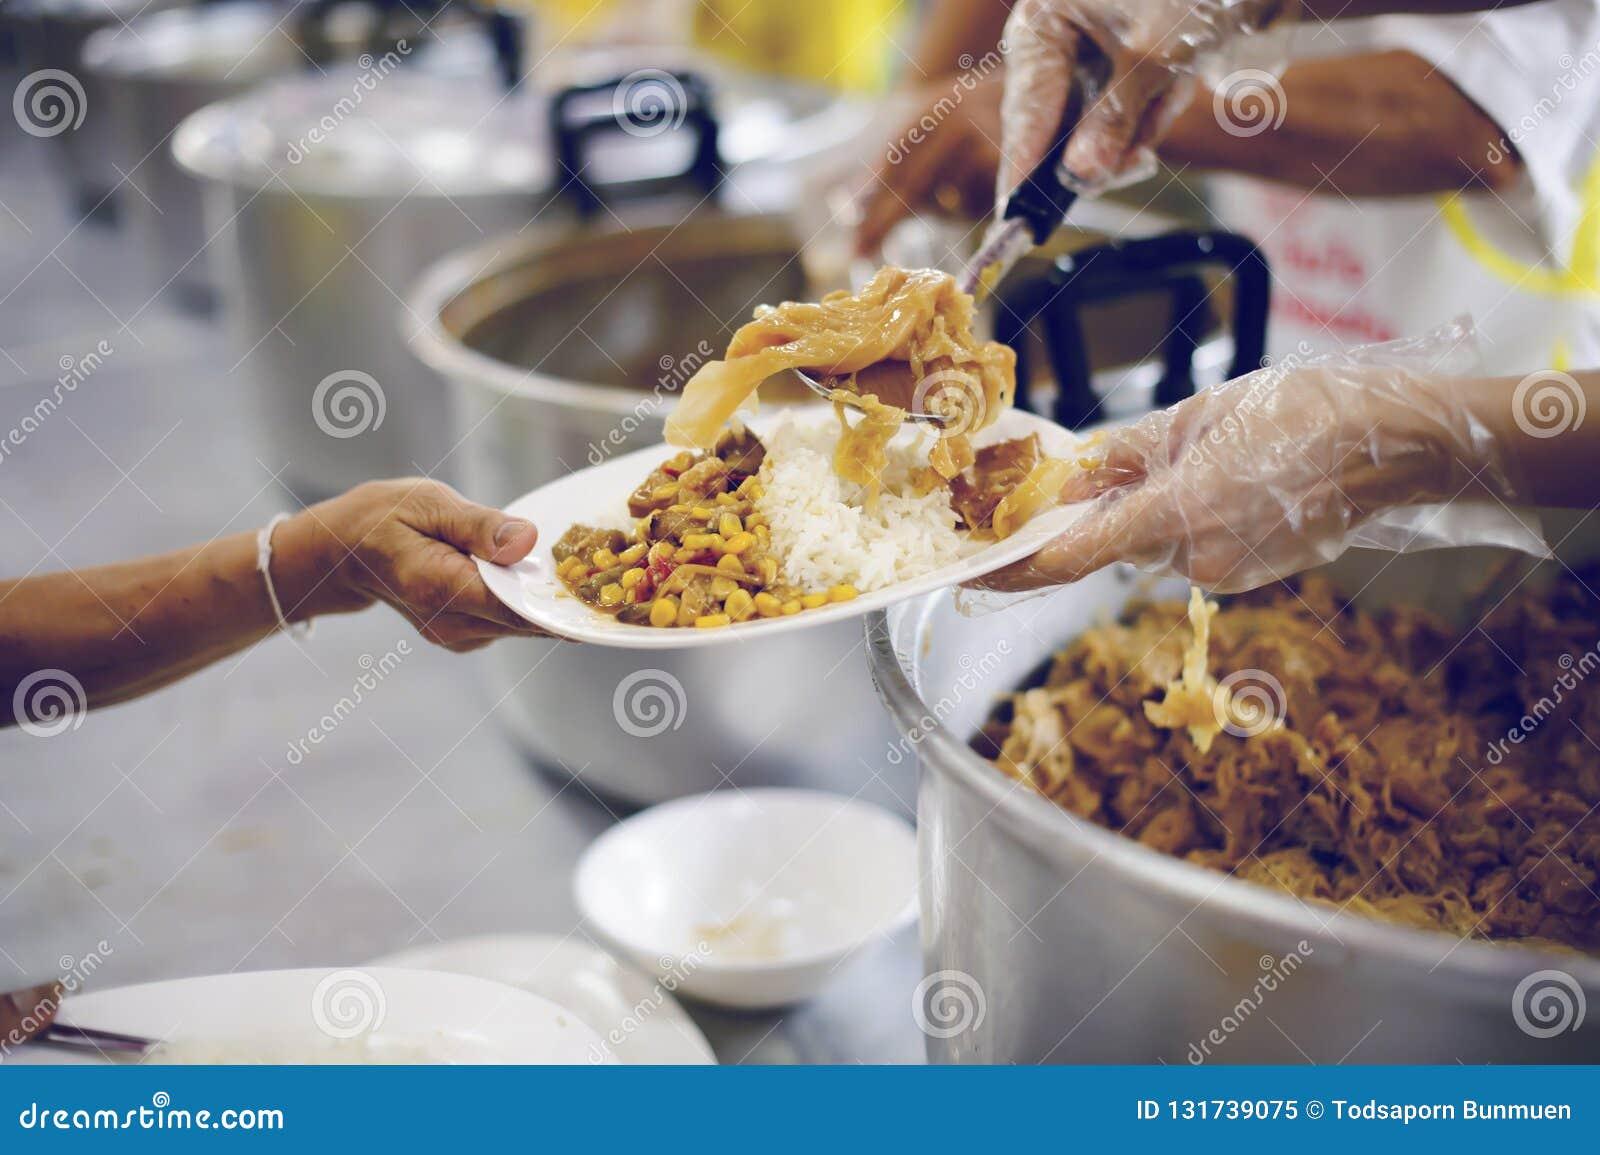 Arme Leute empfangen gespendete Nahrung von den Spendern, demonstrieren das gegenseitige Teilen in der heutigen Gesellschaft: das